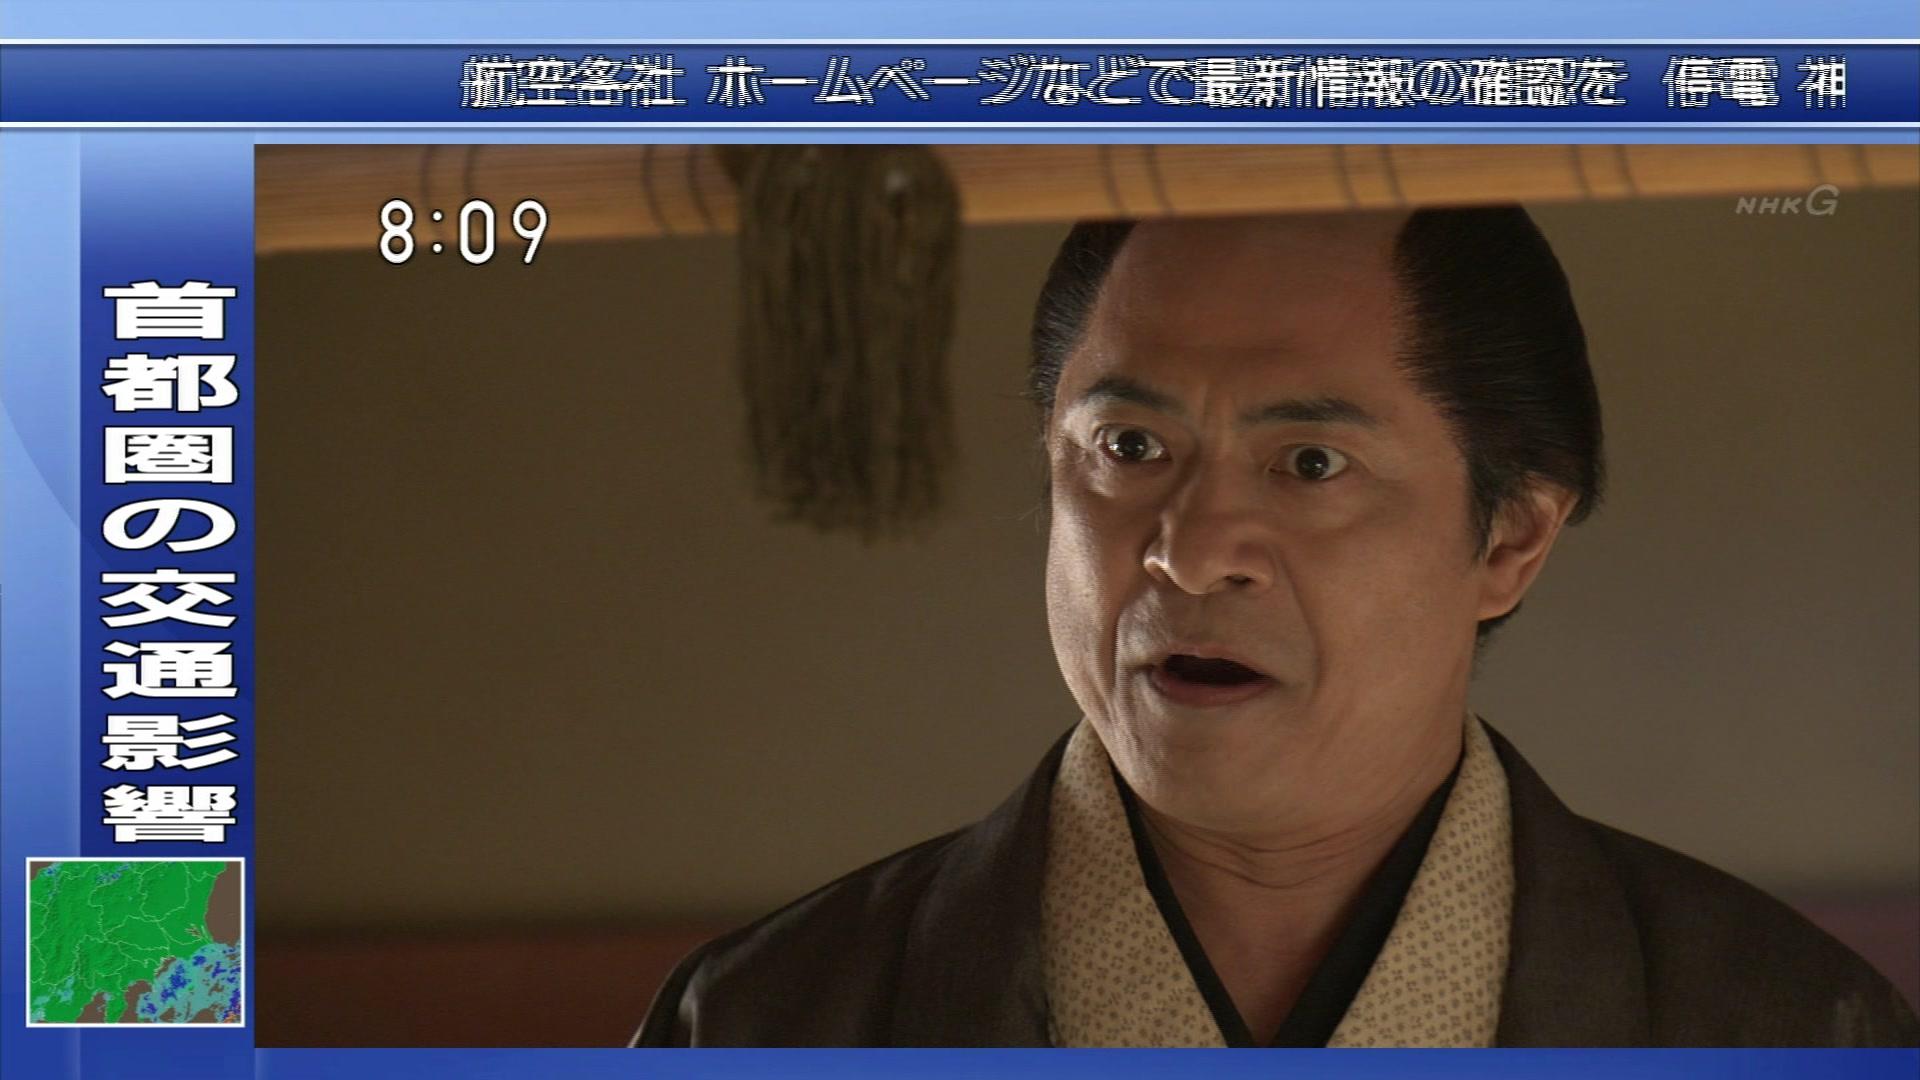 2015-10-02 08:00 連続テレビ小説 あさが来た(5)「小さな許嫁(いいなずけ)」 1708